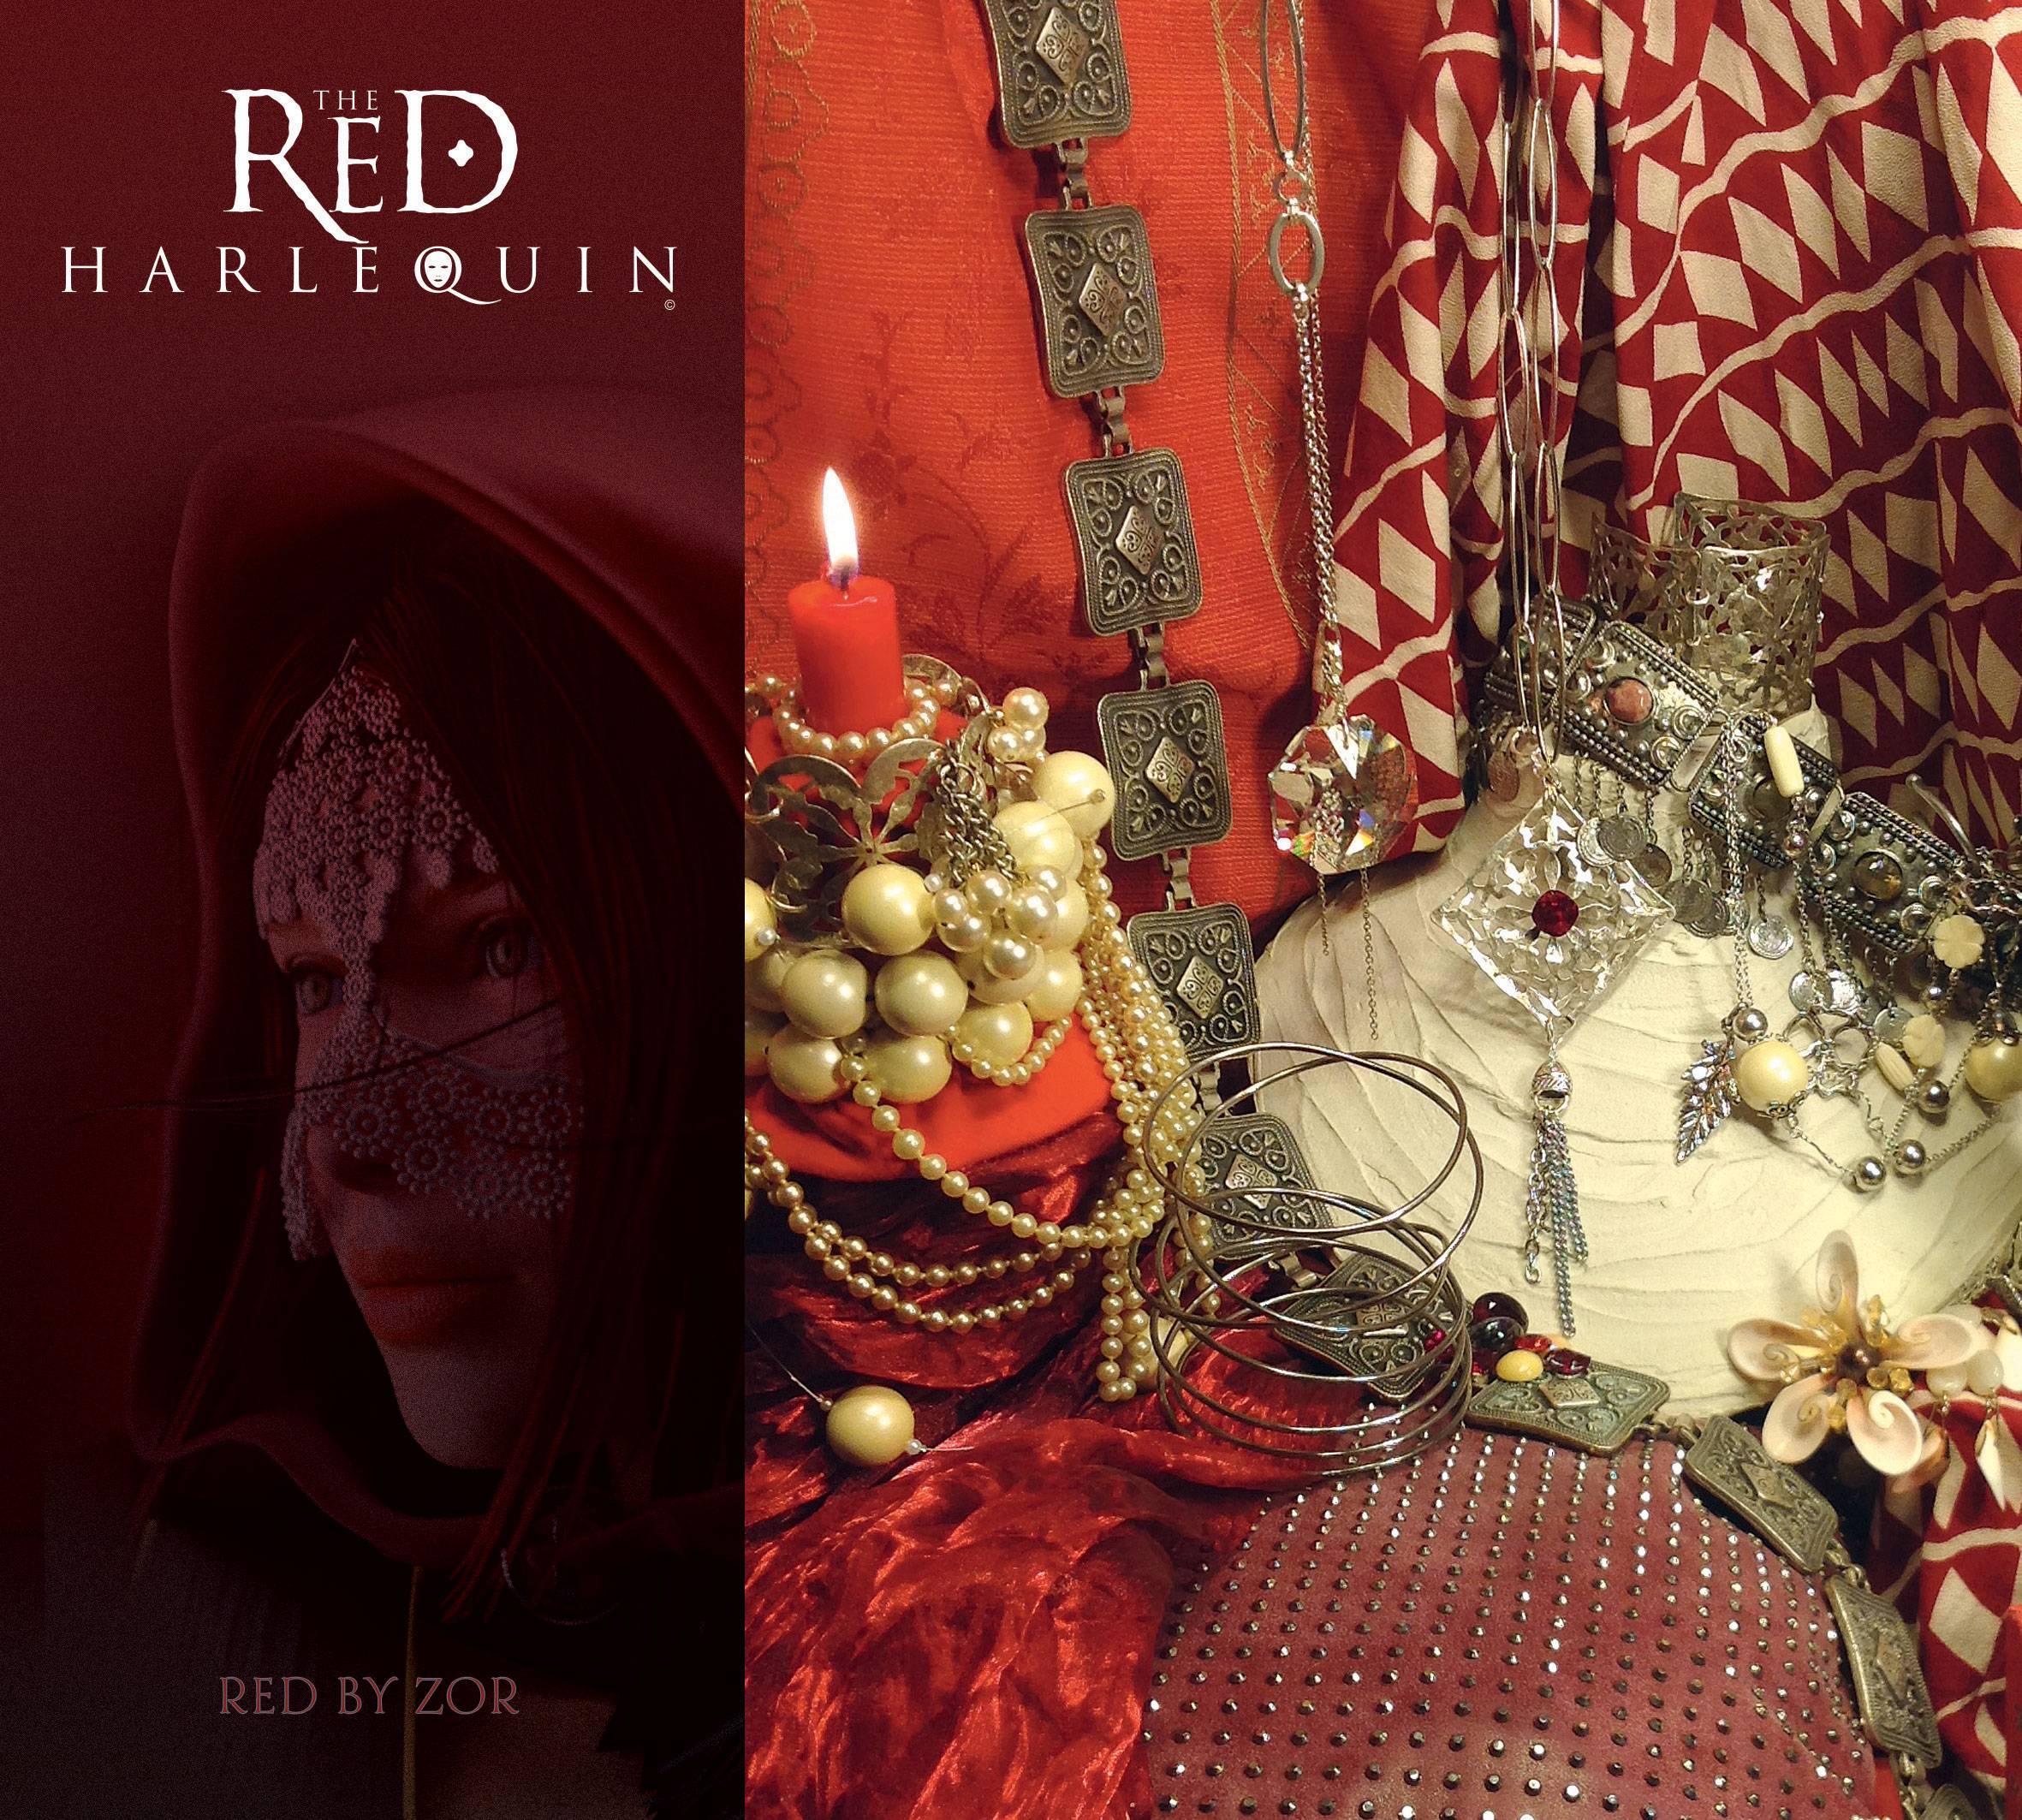 The Red Harlequin TRH - L'Arlequin Rouge la Saga, roman d'aventure de l'écrivain Roberto Ricci. Licence: Creation Zor Bijoux Paris